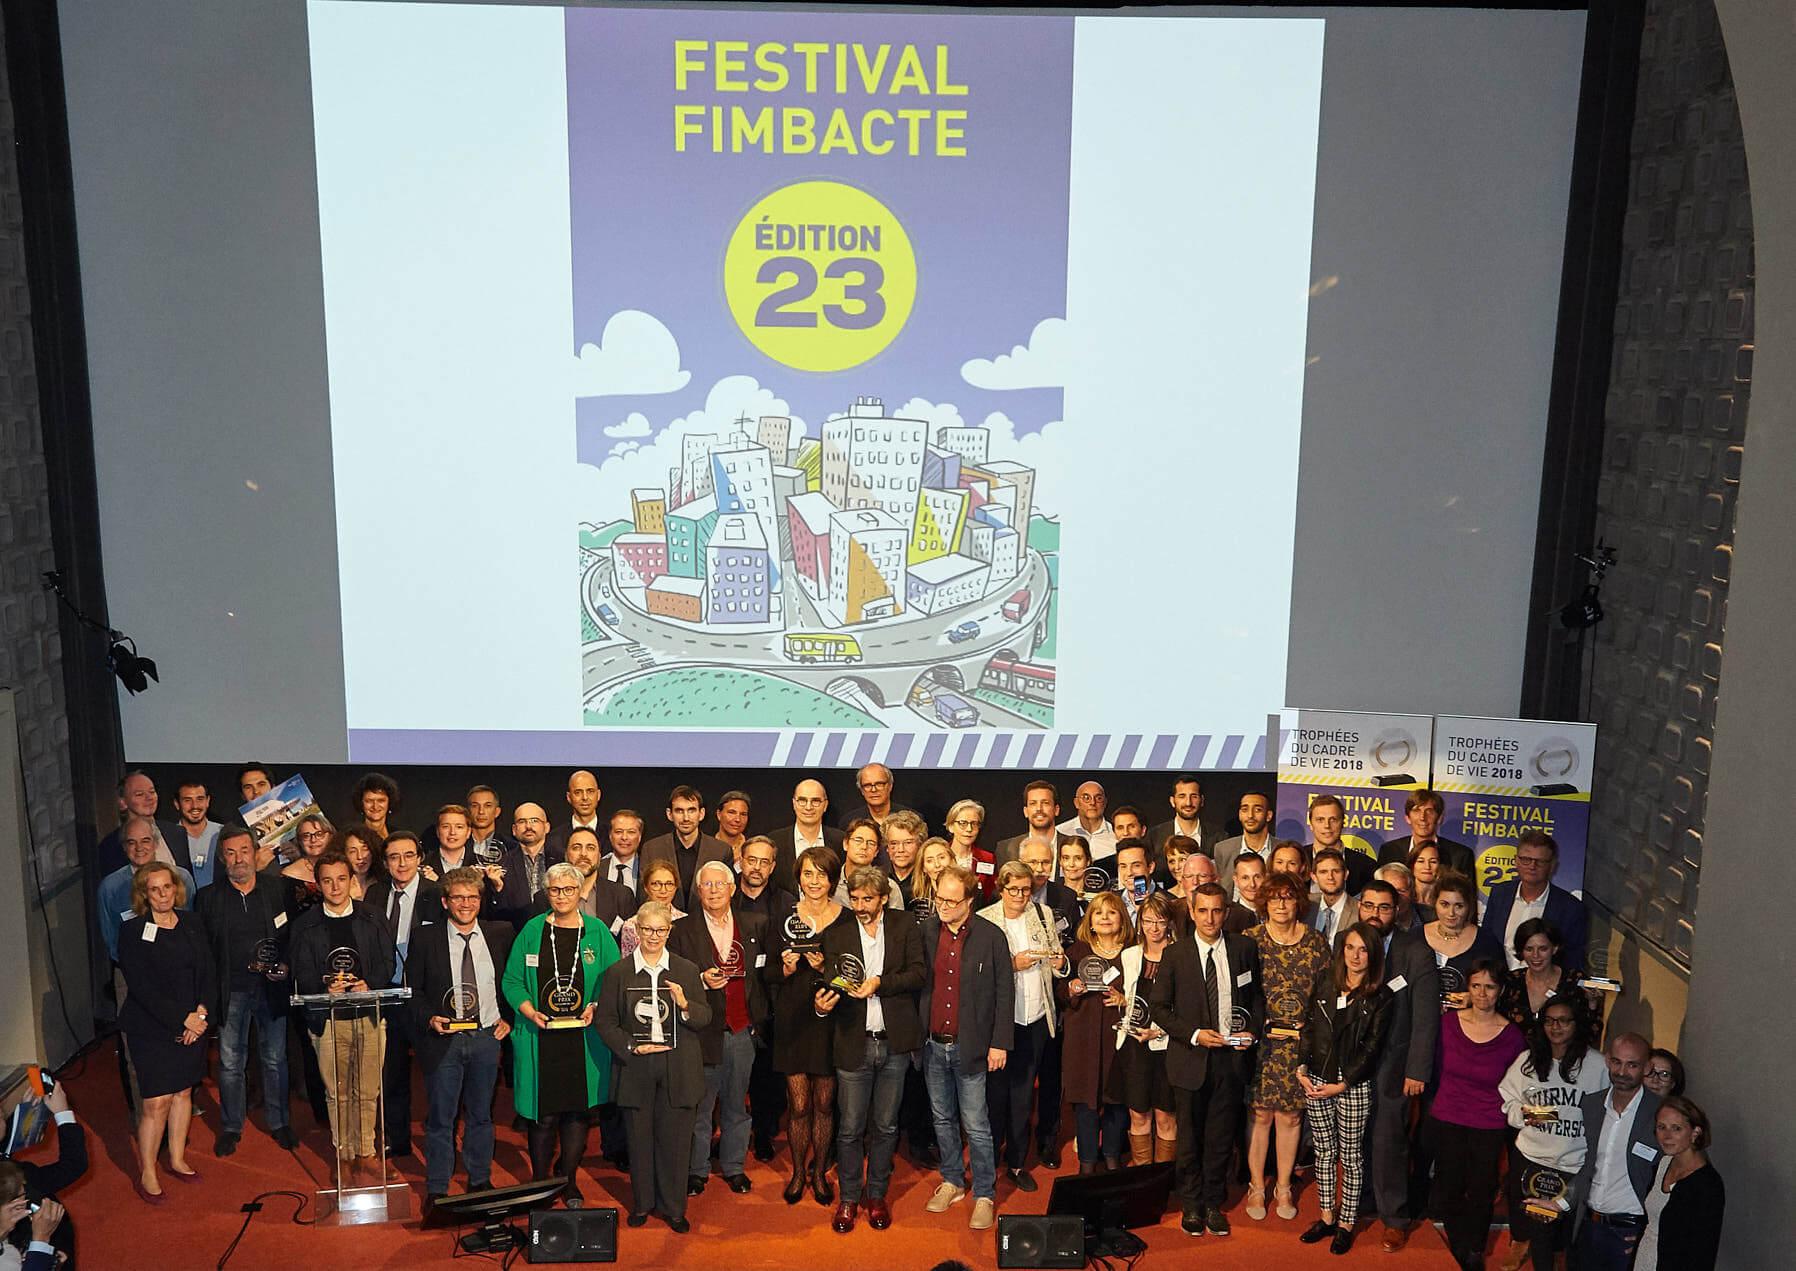 Palmarès 2018 LAUREATS Festival Fimbacte 2018